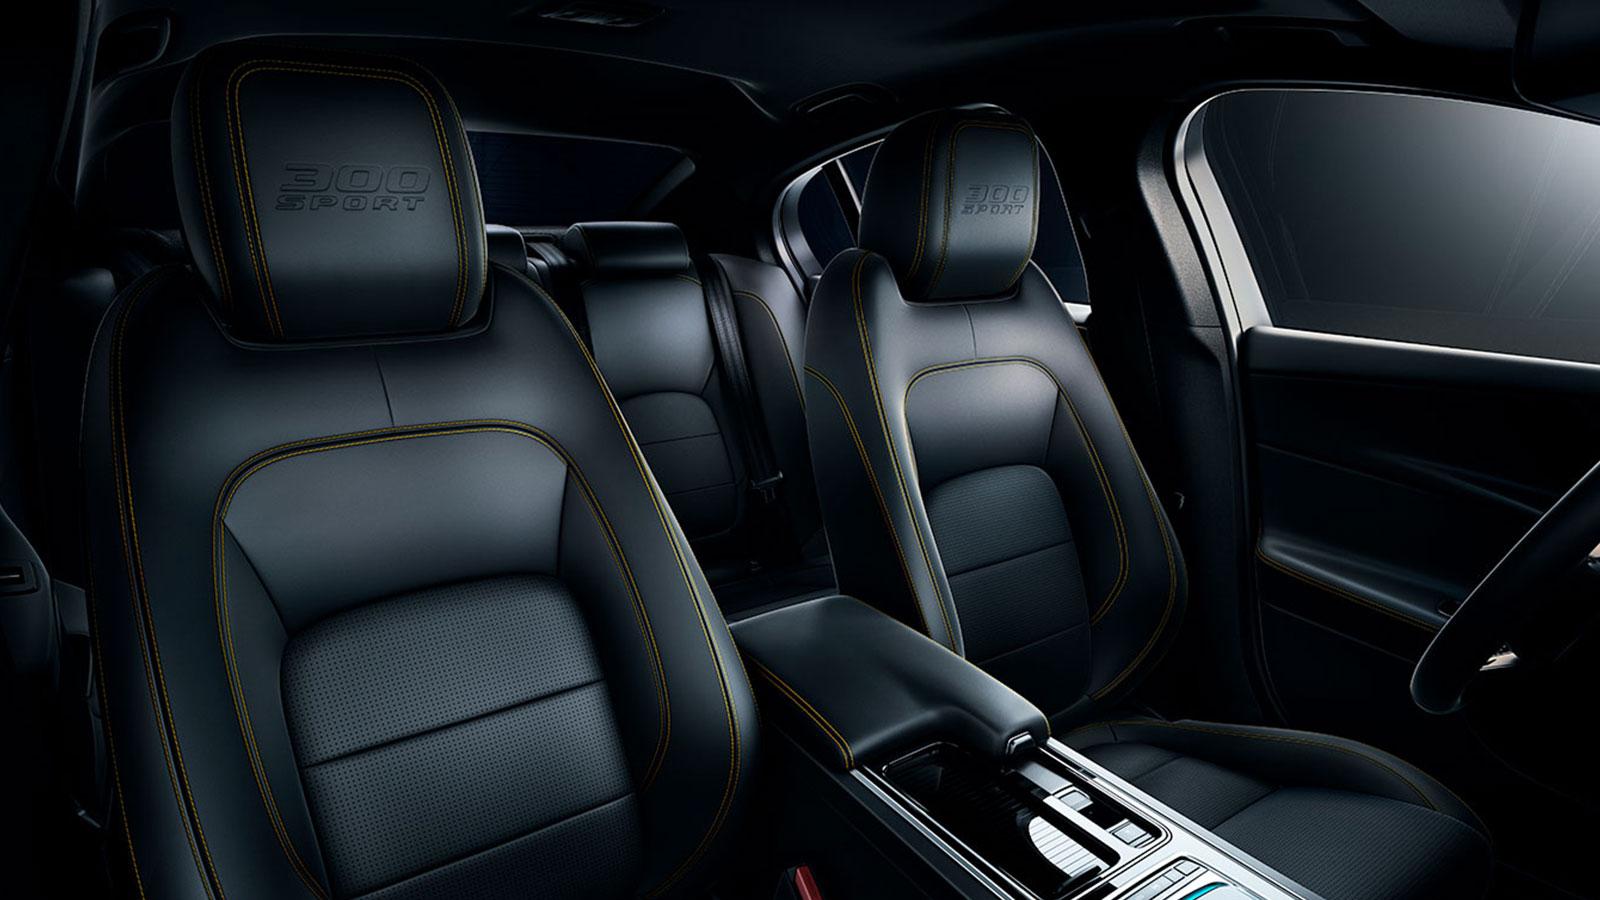 Jaguar XE 2.0 S image 15